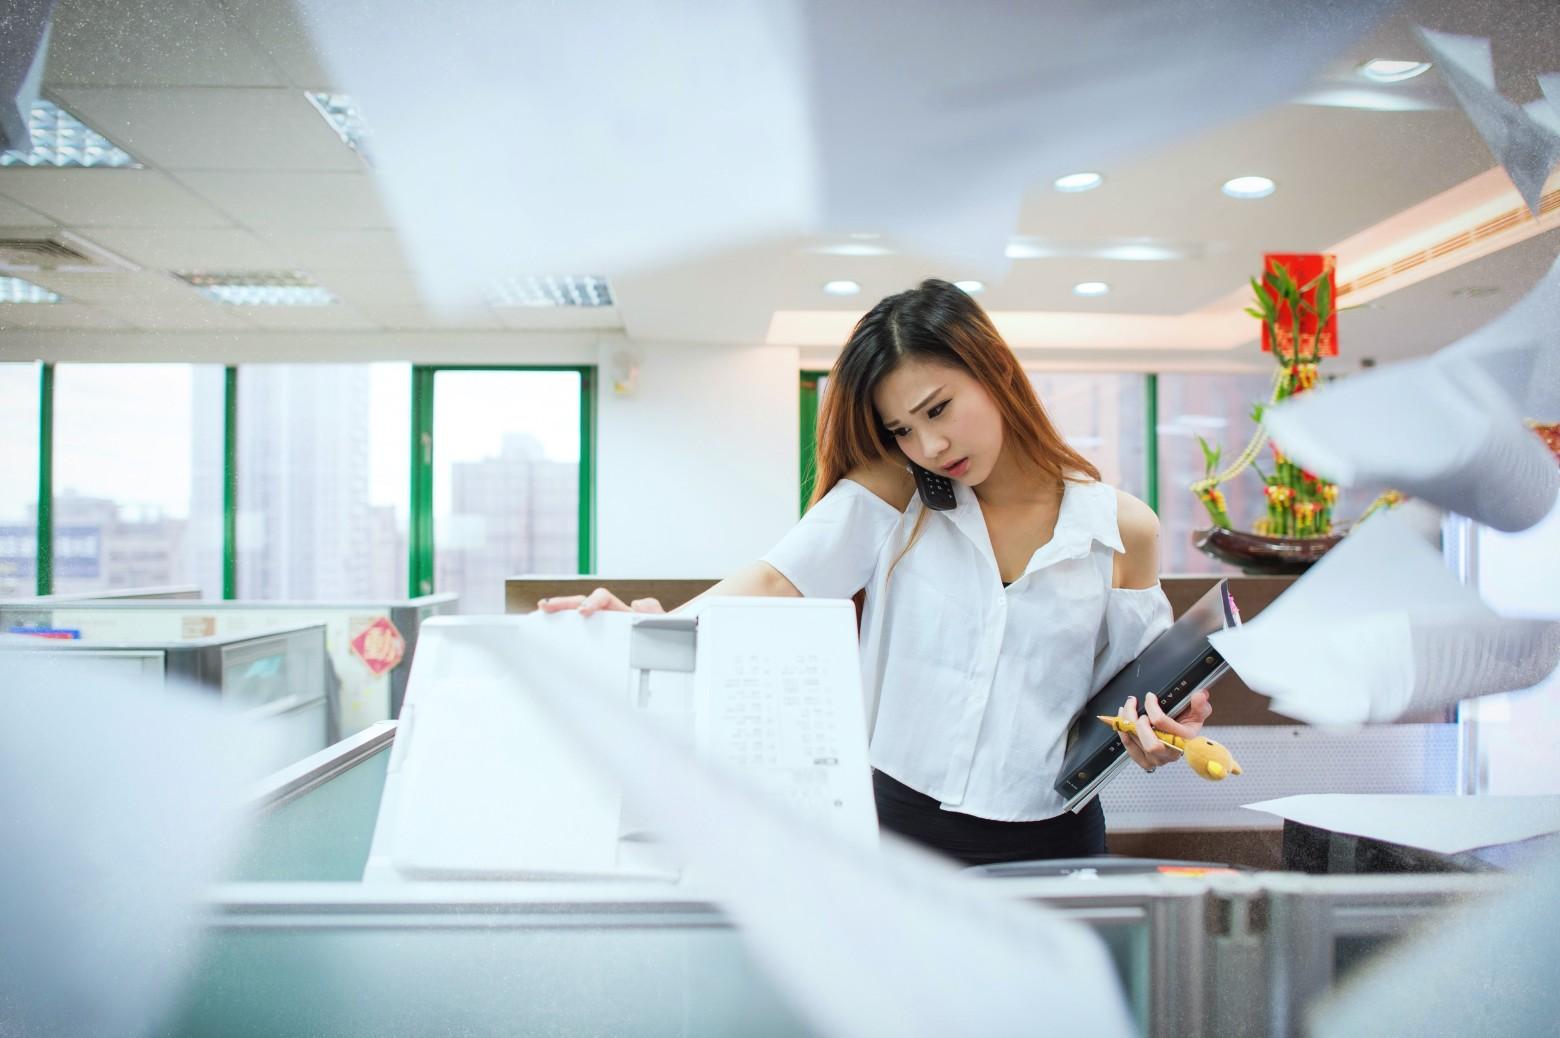 Entreprise bureau business photo gratuite libre de droit for Bureau images gratuites